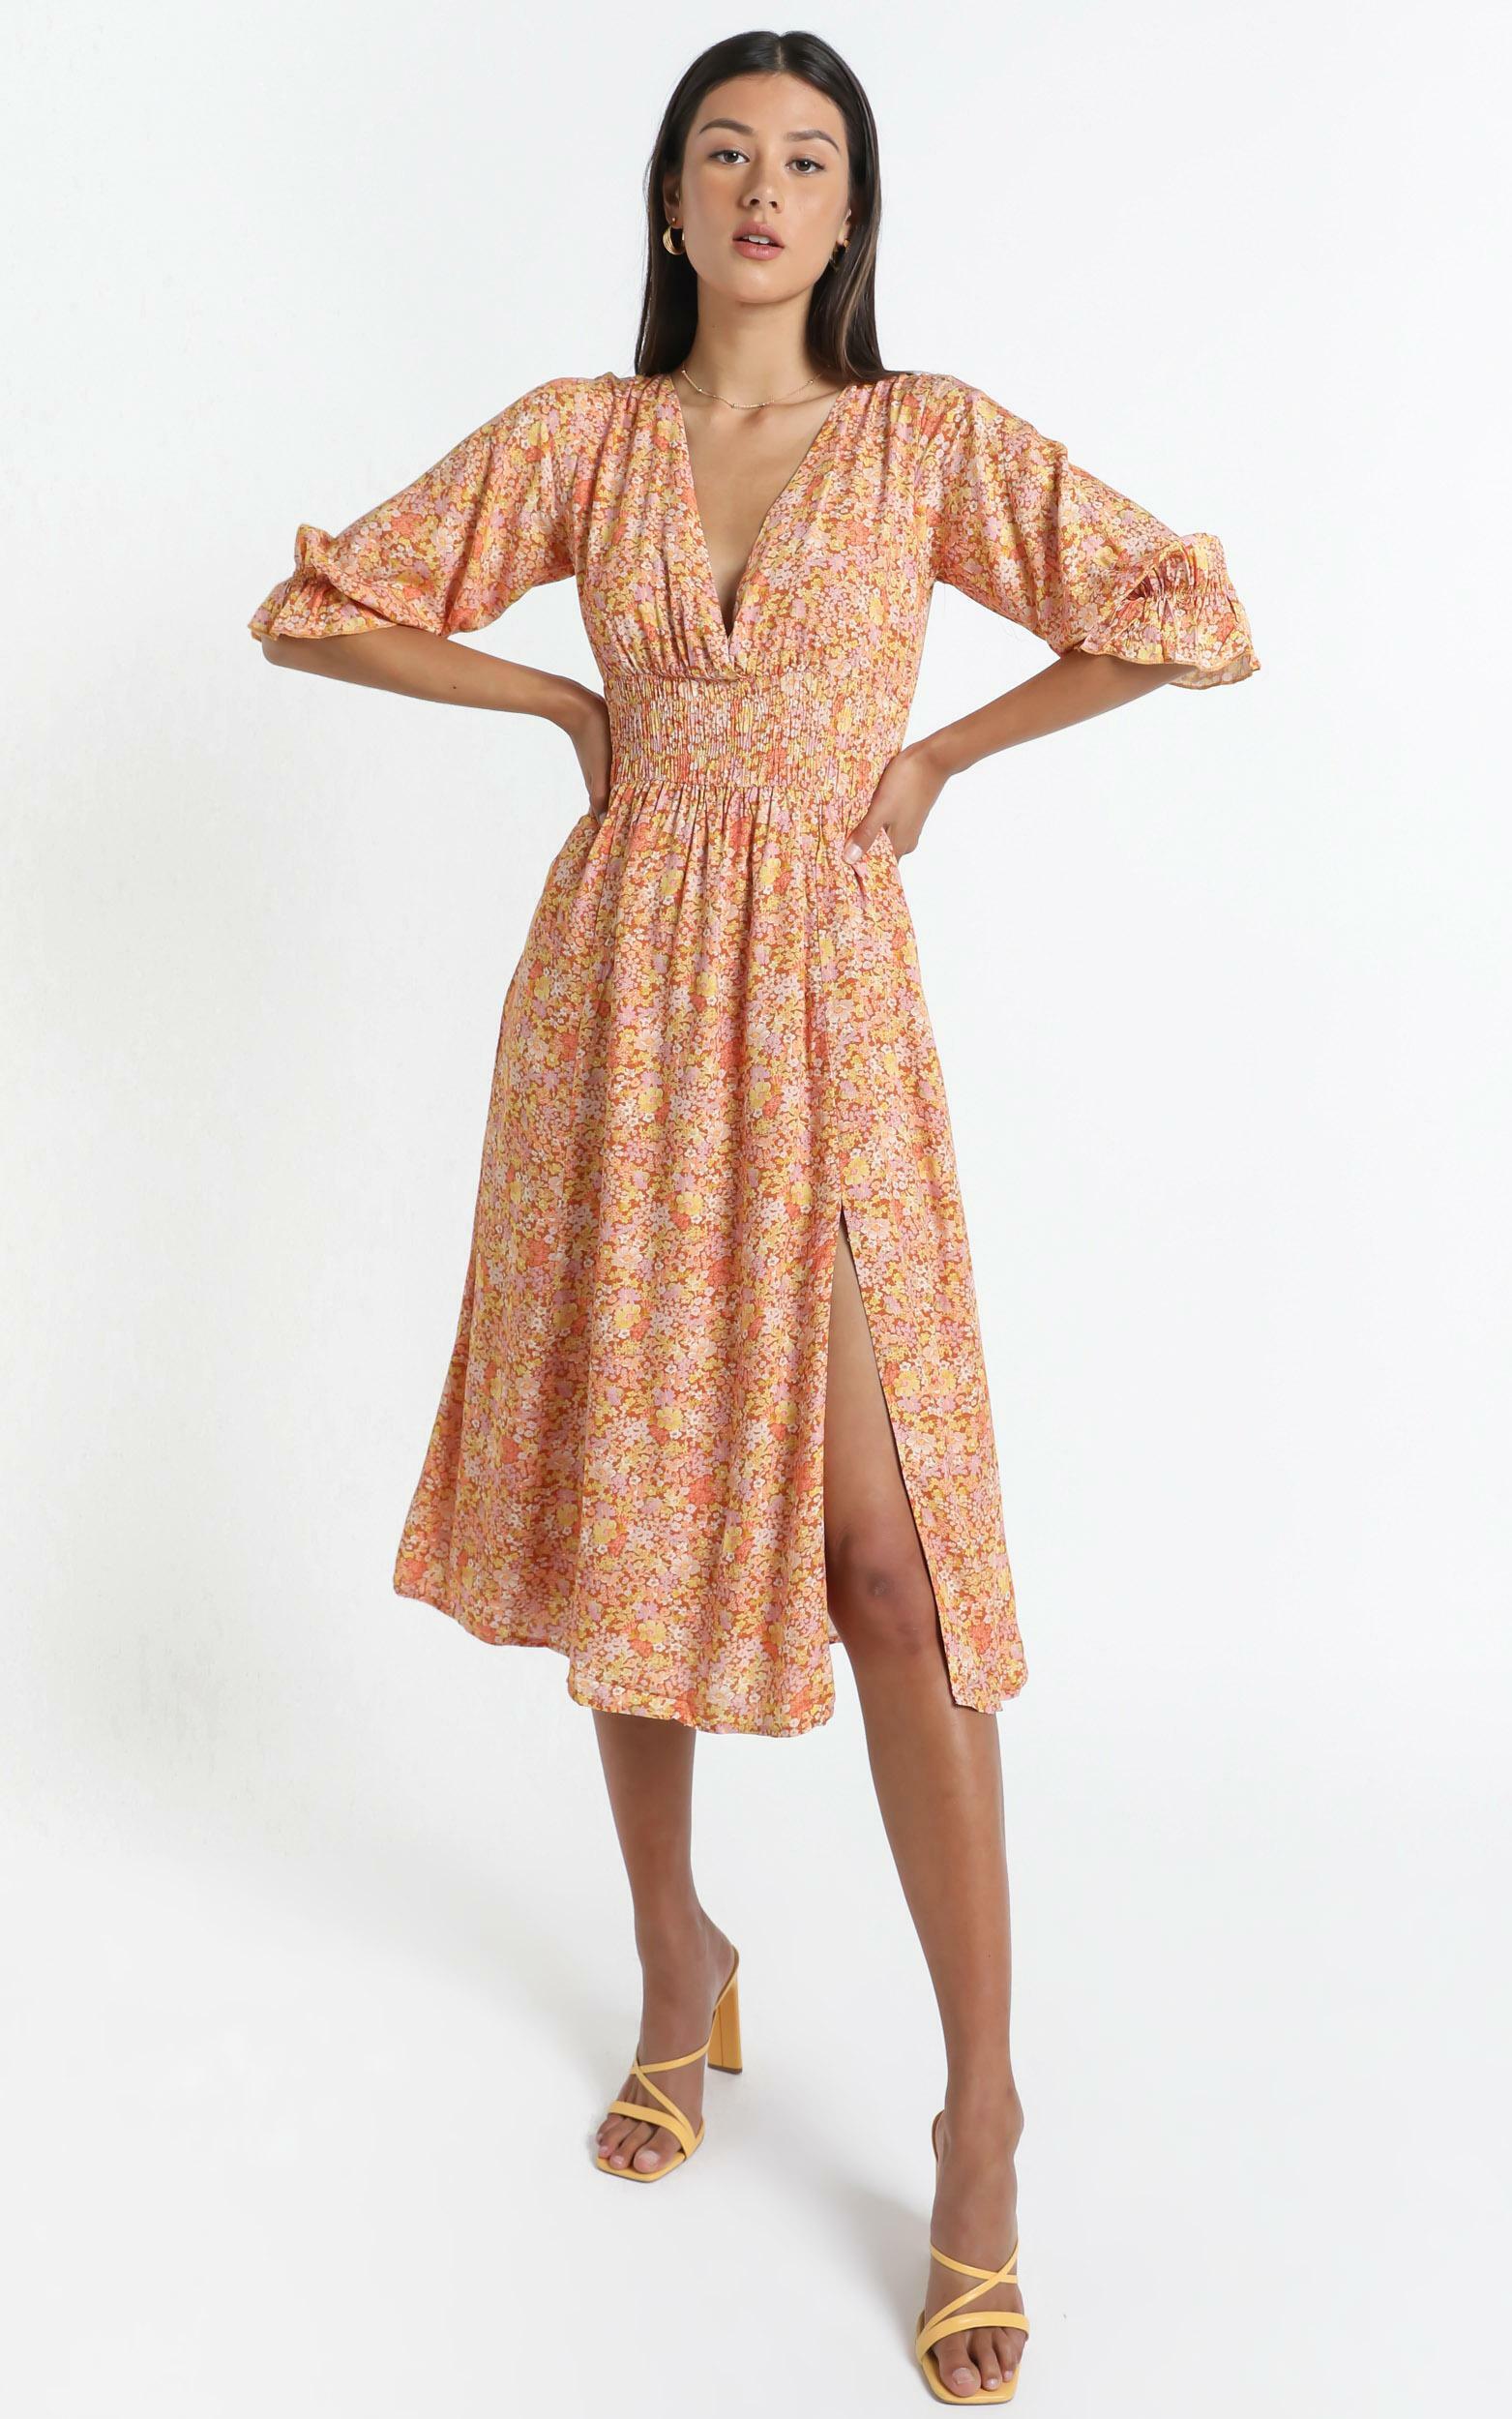 Milan Dress in Blushing Floral - 14 (XL), Orange, hi-res image number null